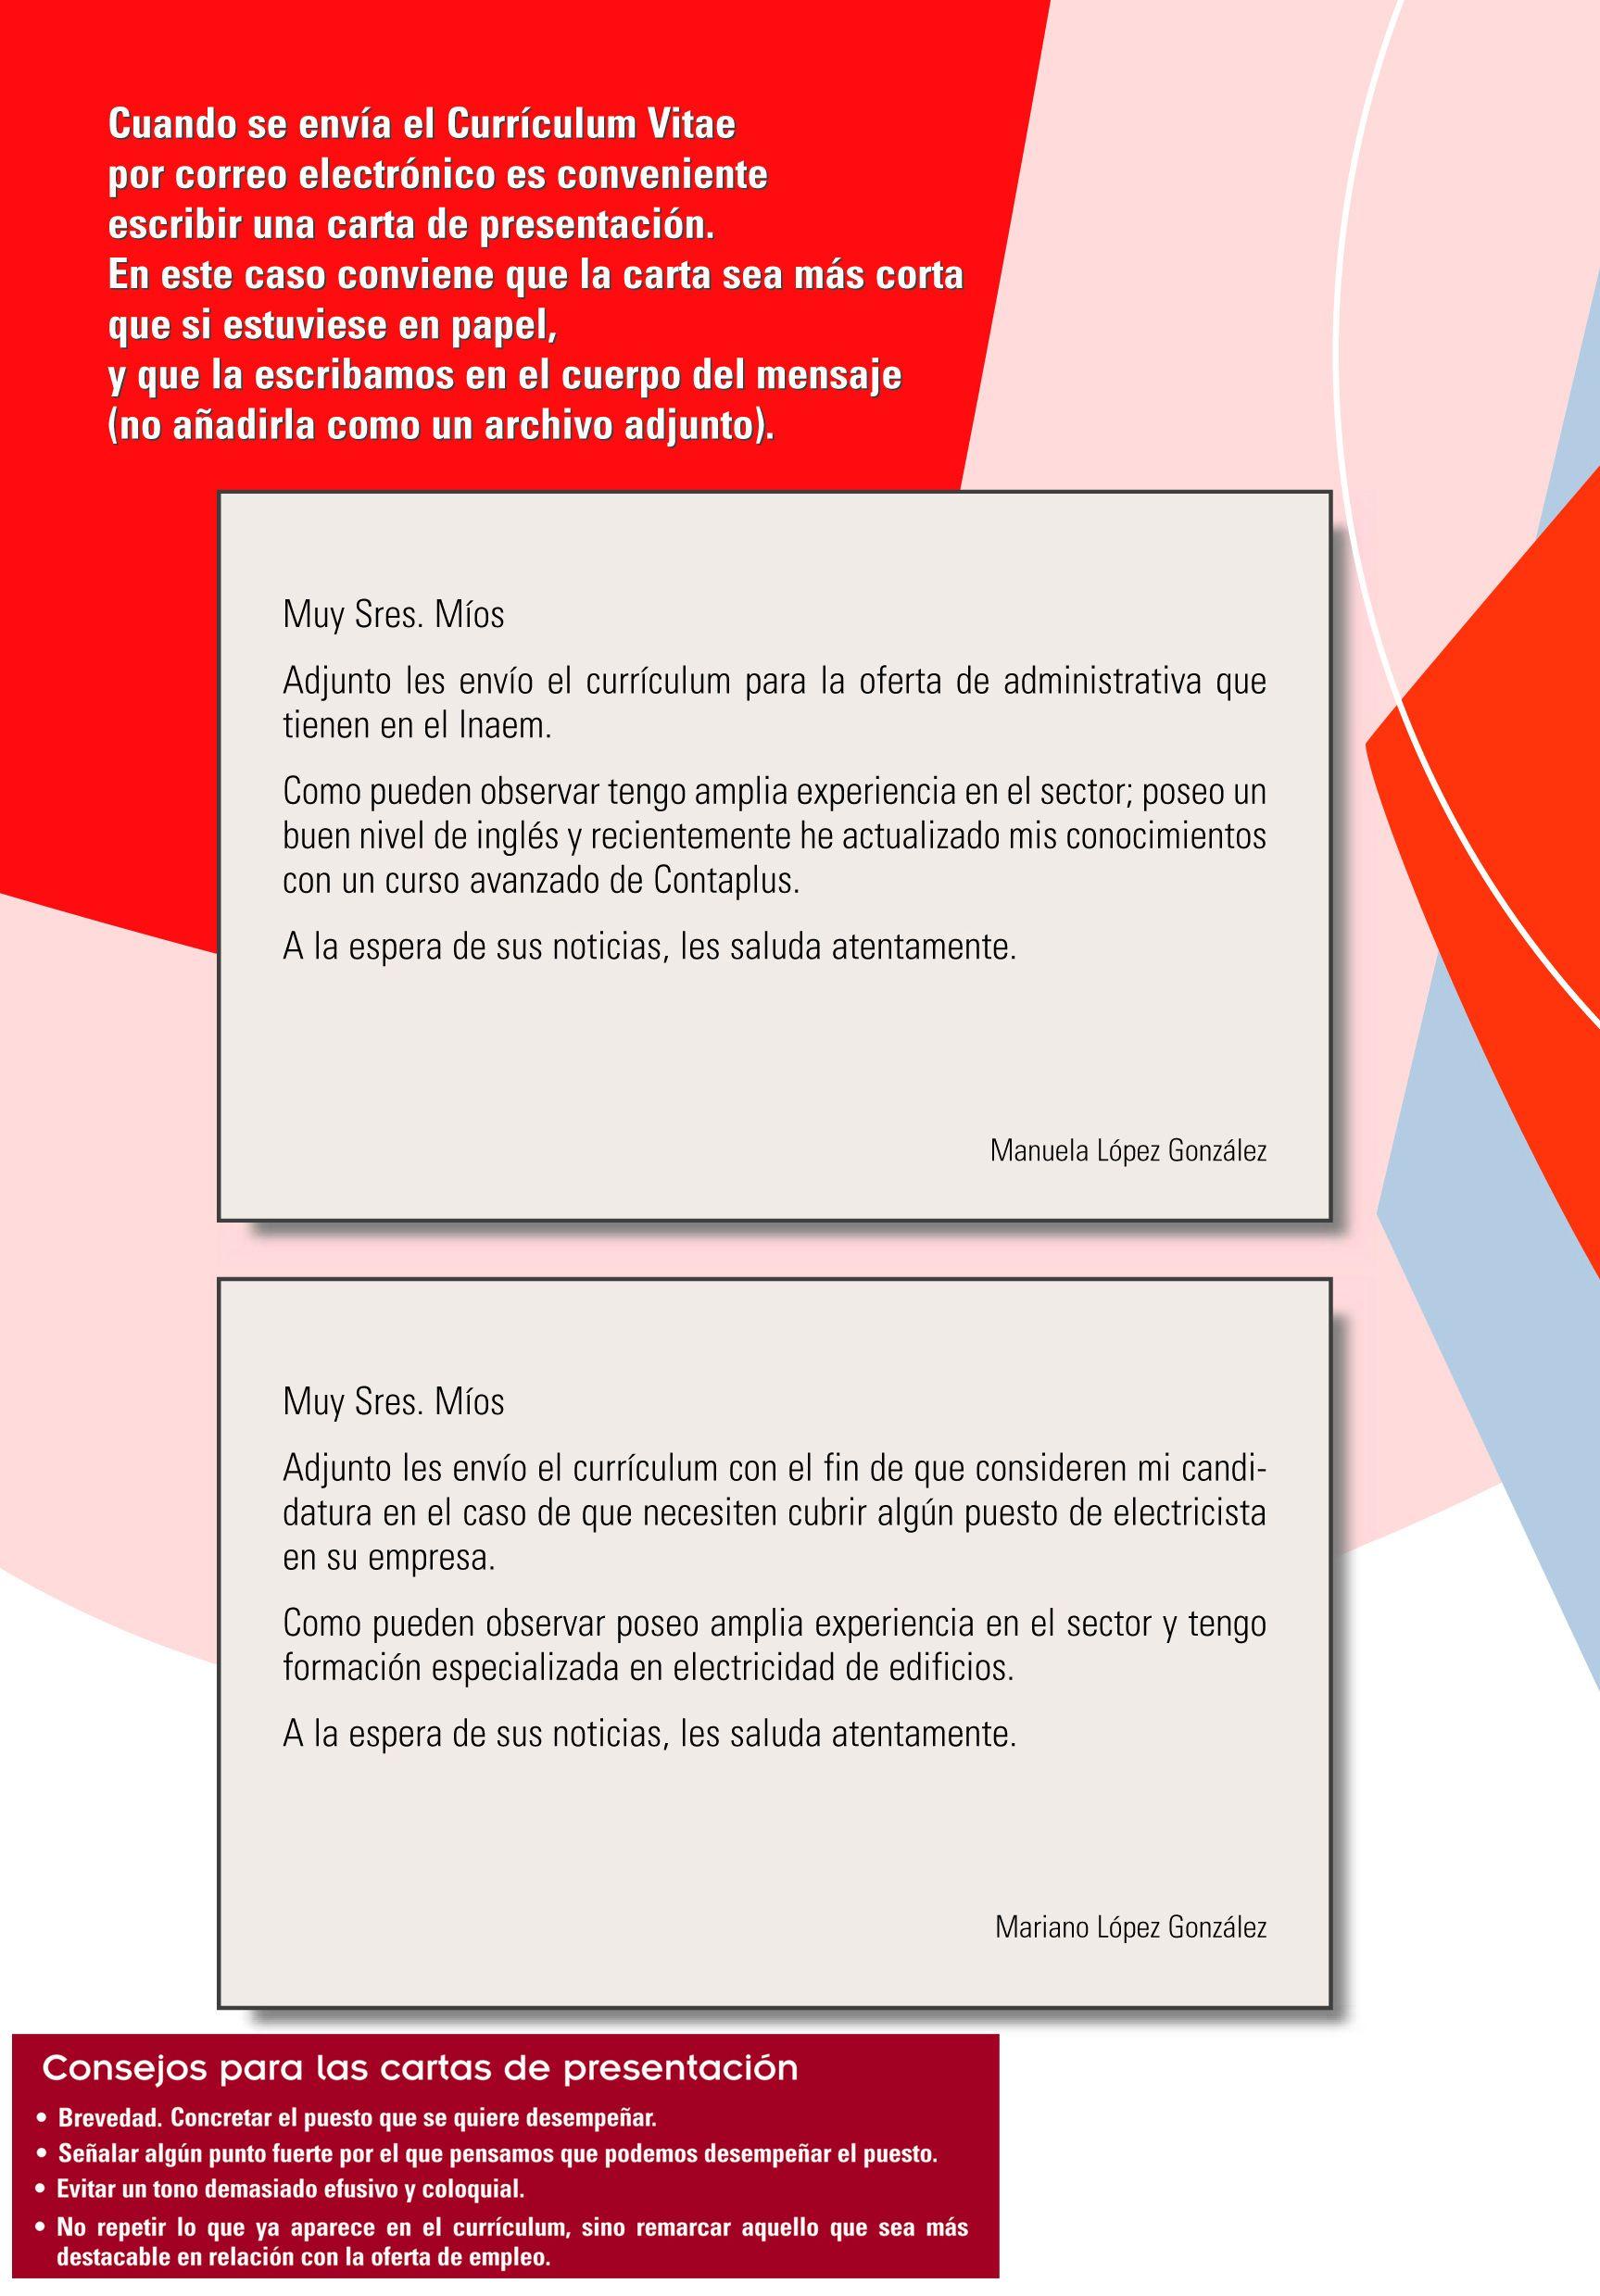 Carta de presentación (parte 2) | Empleo 2.0. Cartas y tarjetas de ...